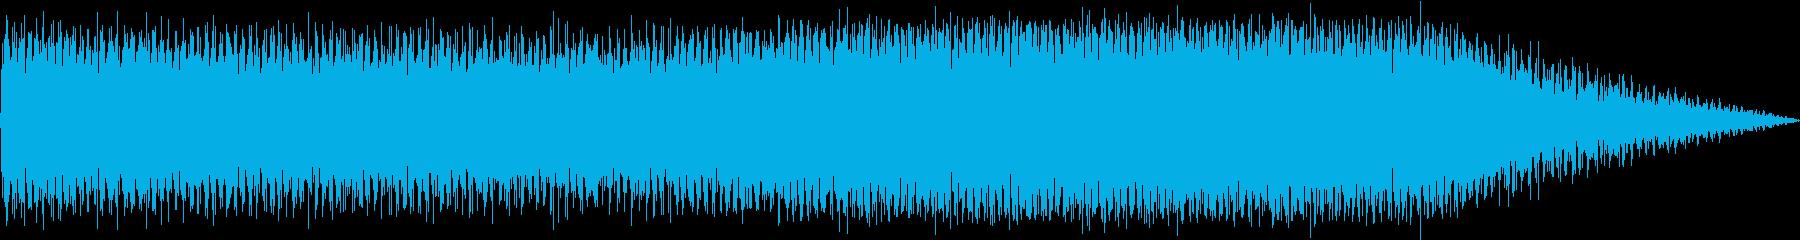 迅速なパルスシンセテクスチャの再生済みの波形